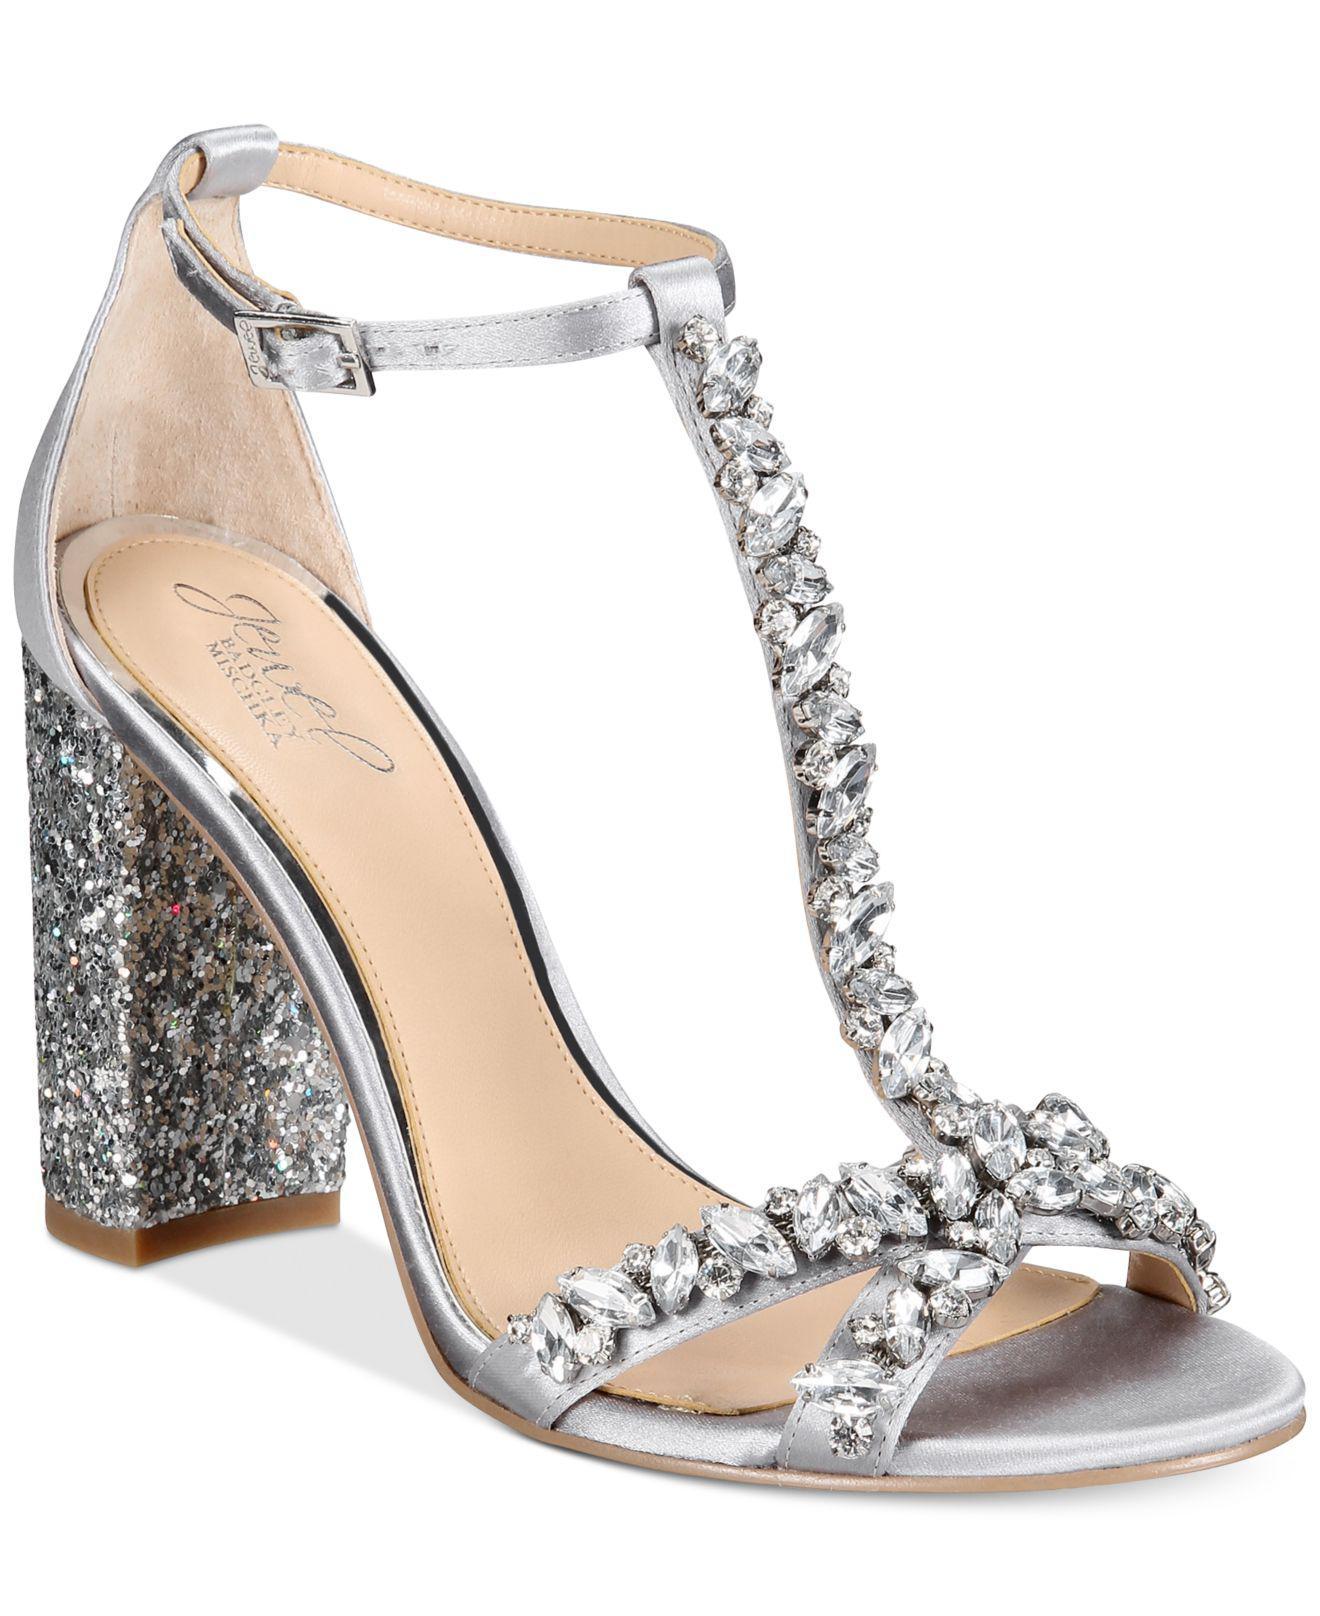 Lyst - Badgley Mischka Carver Block-heel Evening Sandals in Metallic